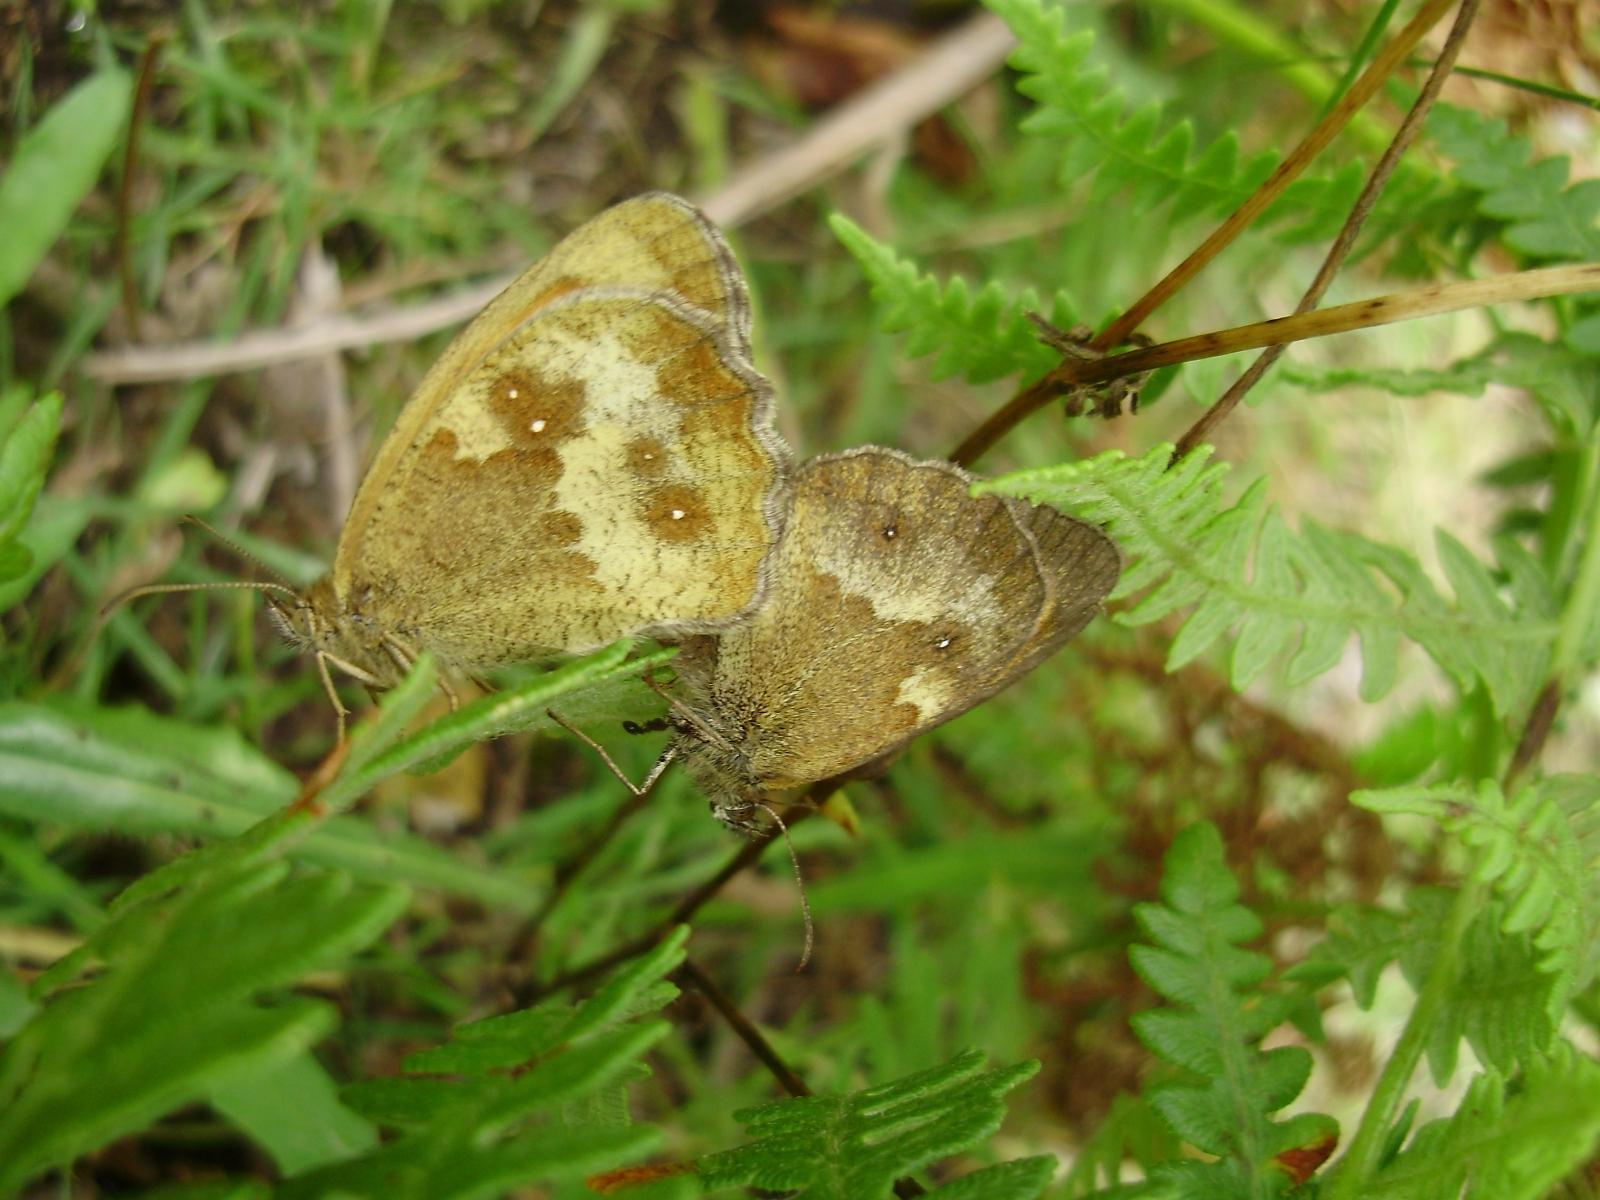 Pareja de mariposas Pyronia tithonus en copula